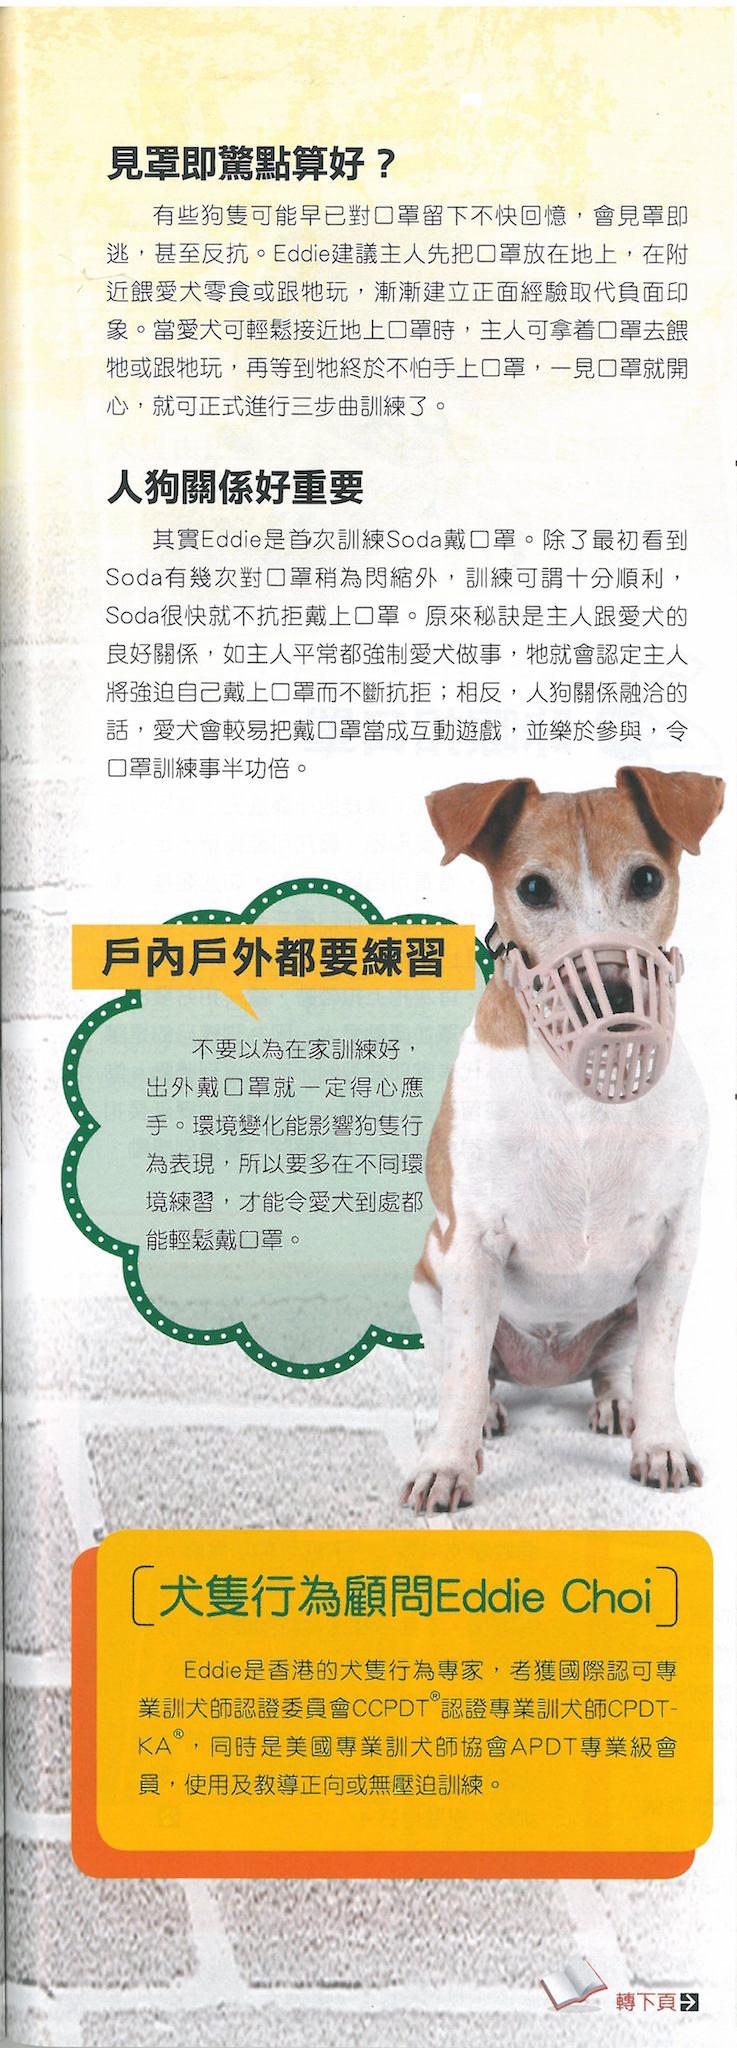 """""""2015-01-05 寵物閒情-讓愛犬喜歡口罩"""